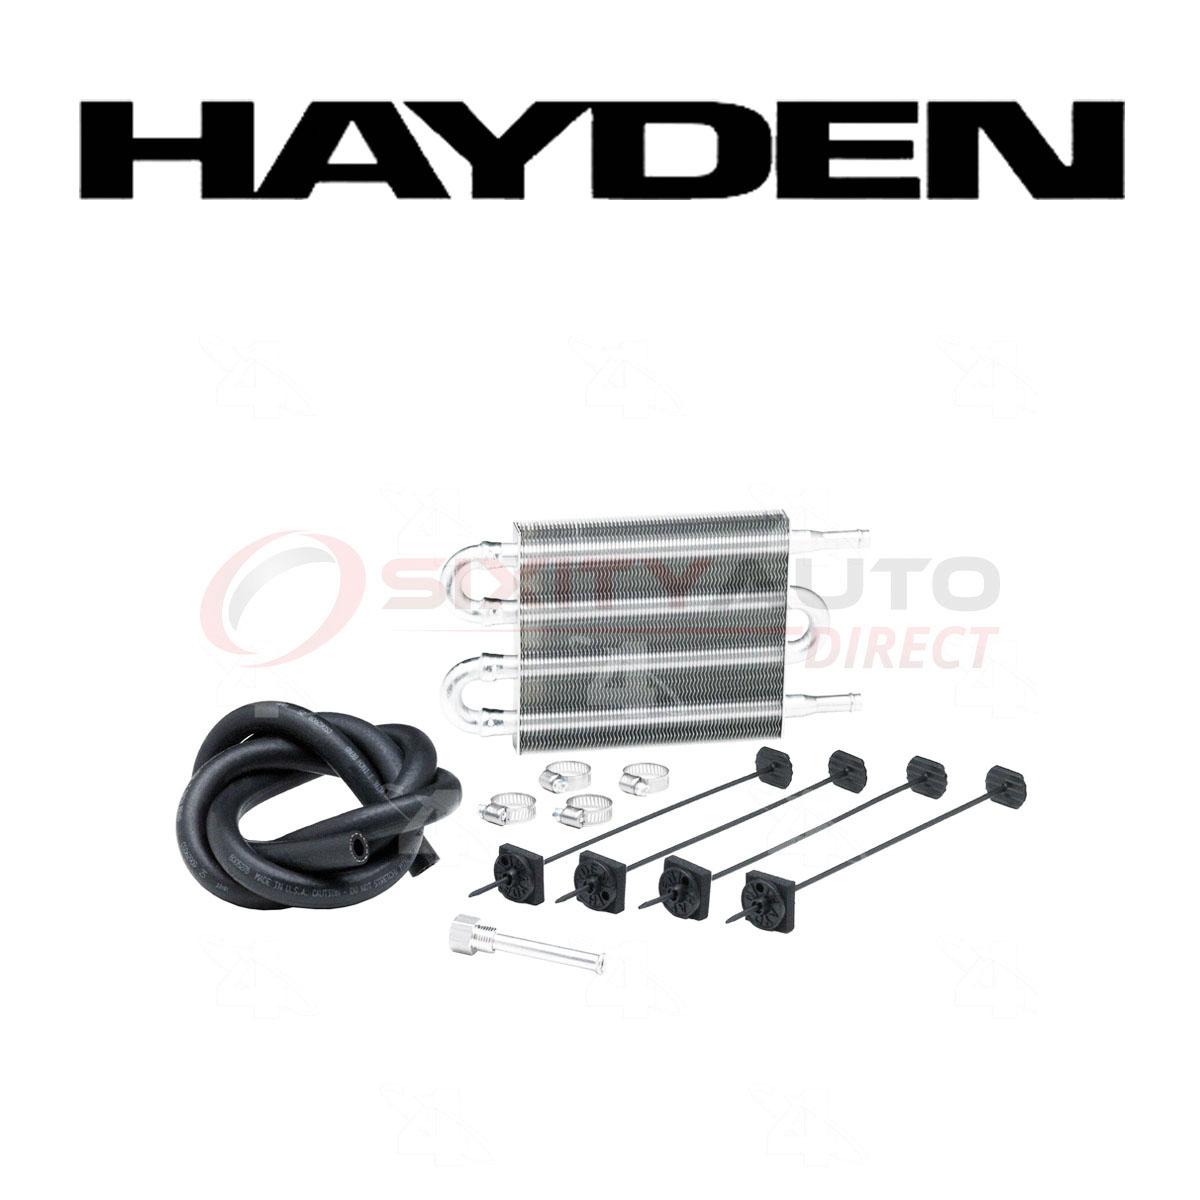 Hayden Power Steering Oil Cooler For Chevrolet